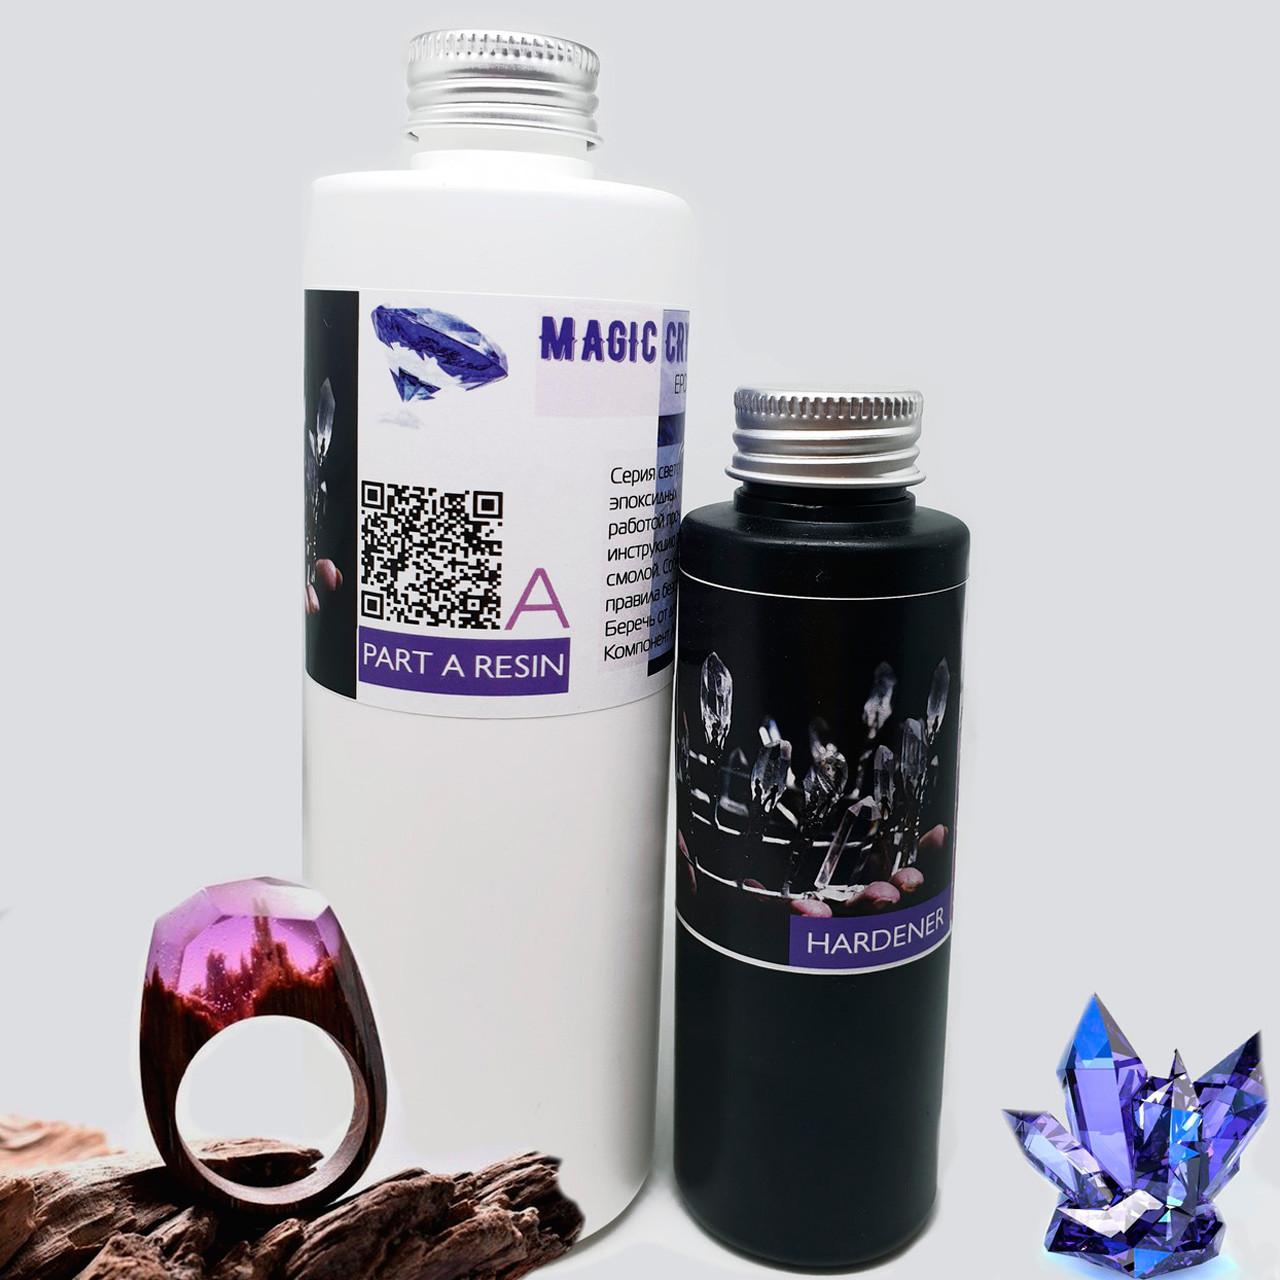 Смола эпоксидная Magic Crystal 3D Clear. Уп. 2,6 кг, прозрачная. Для декора и украшений